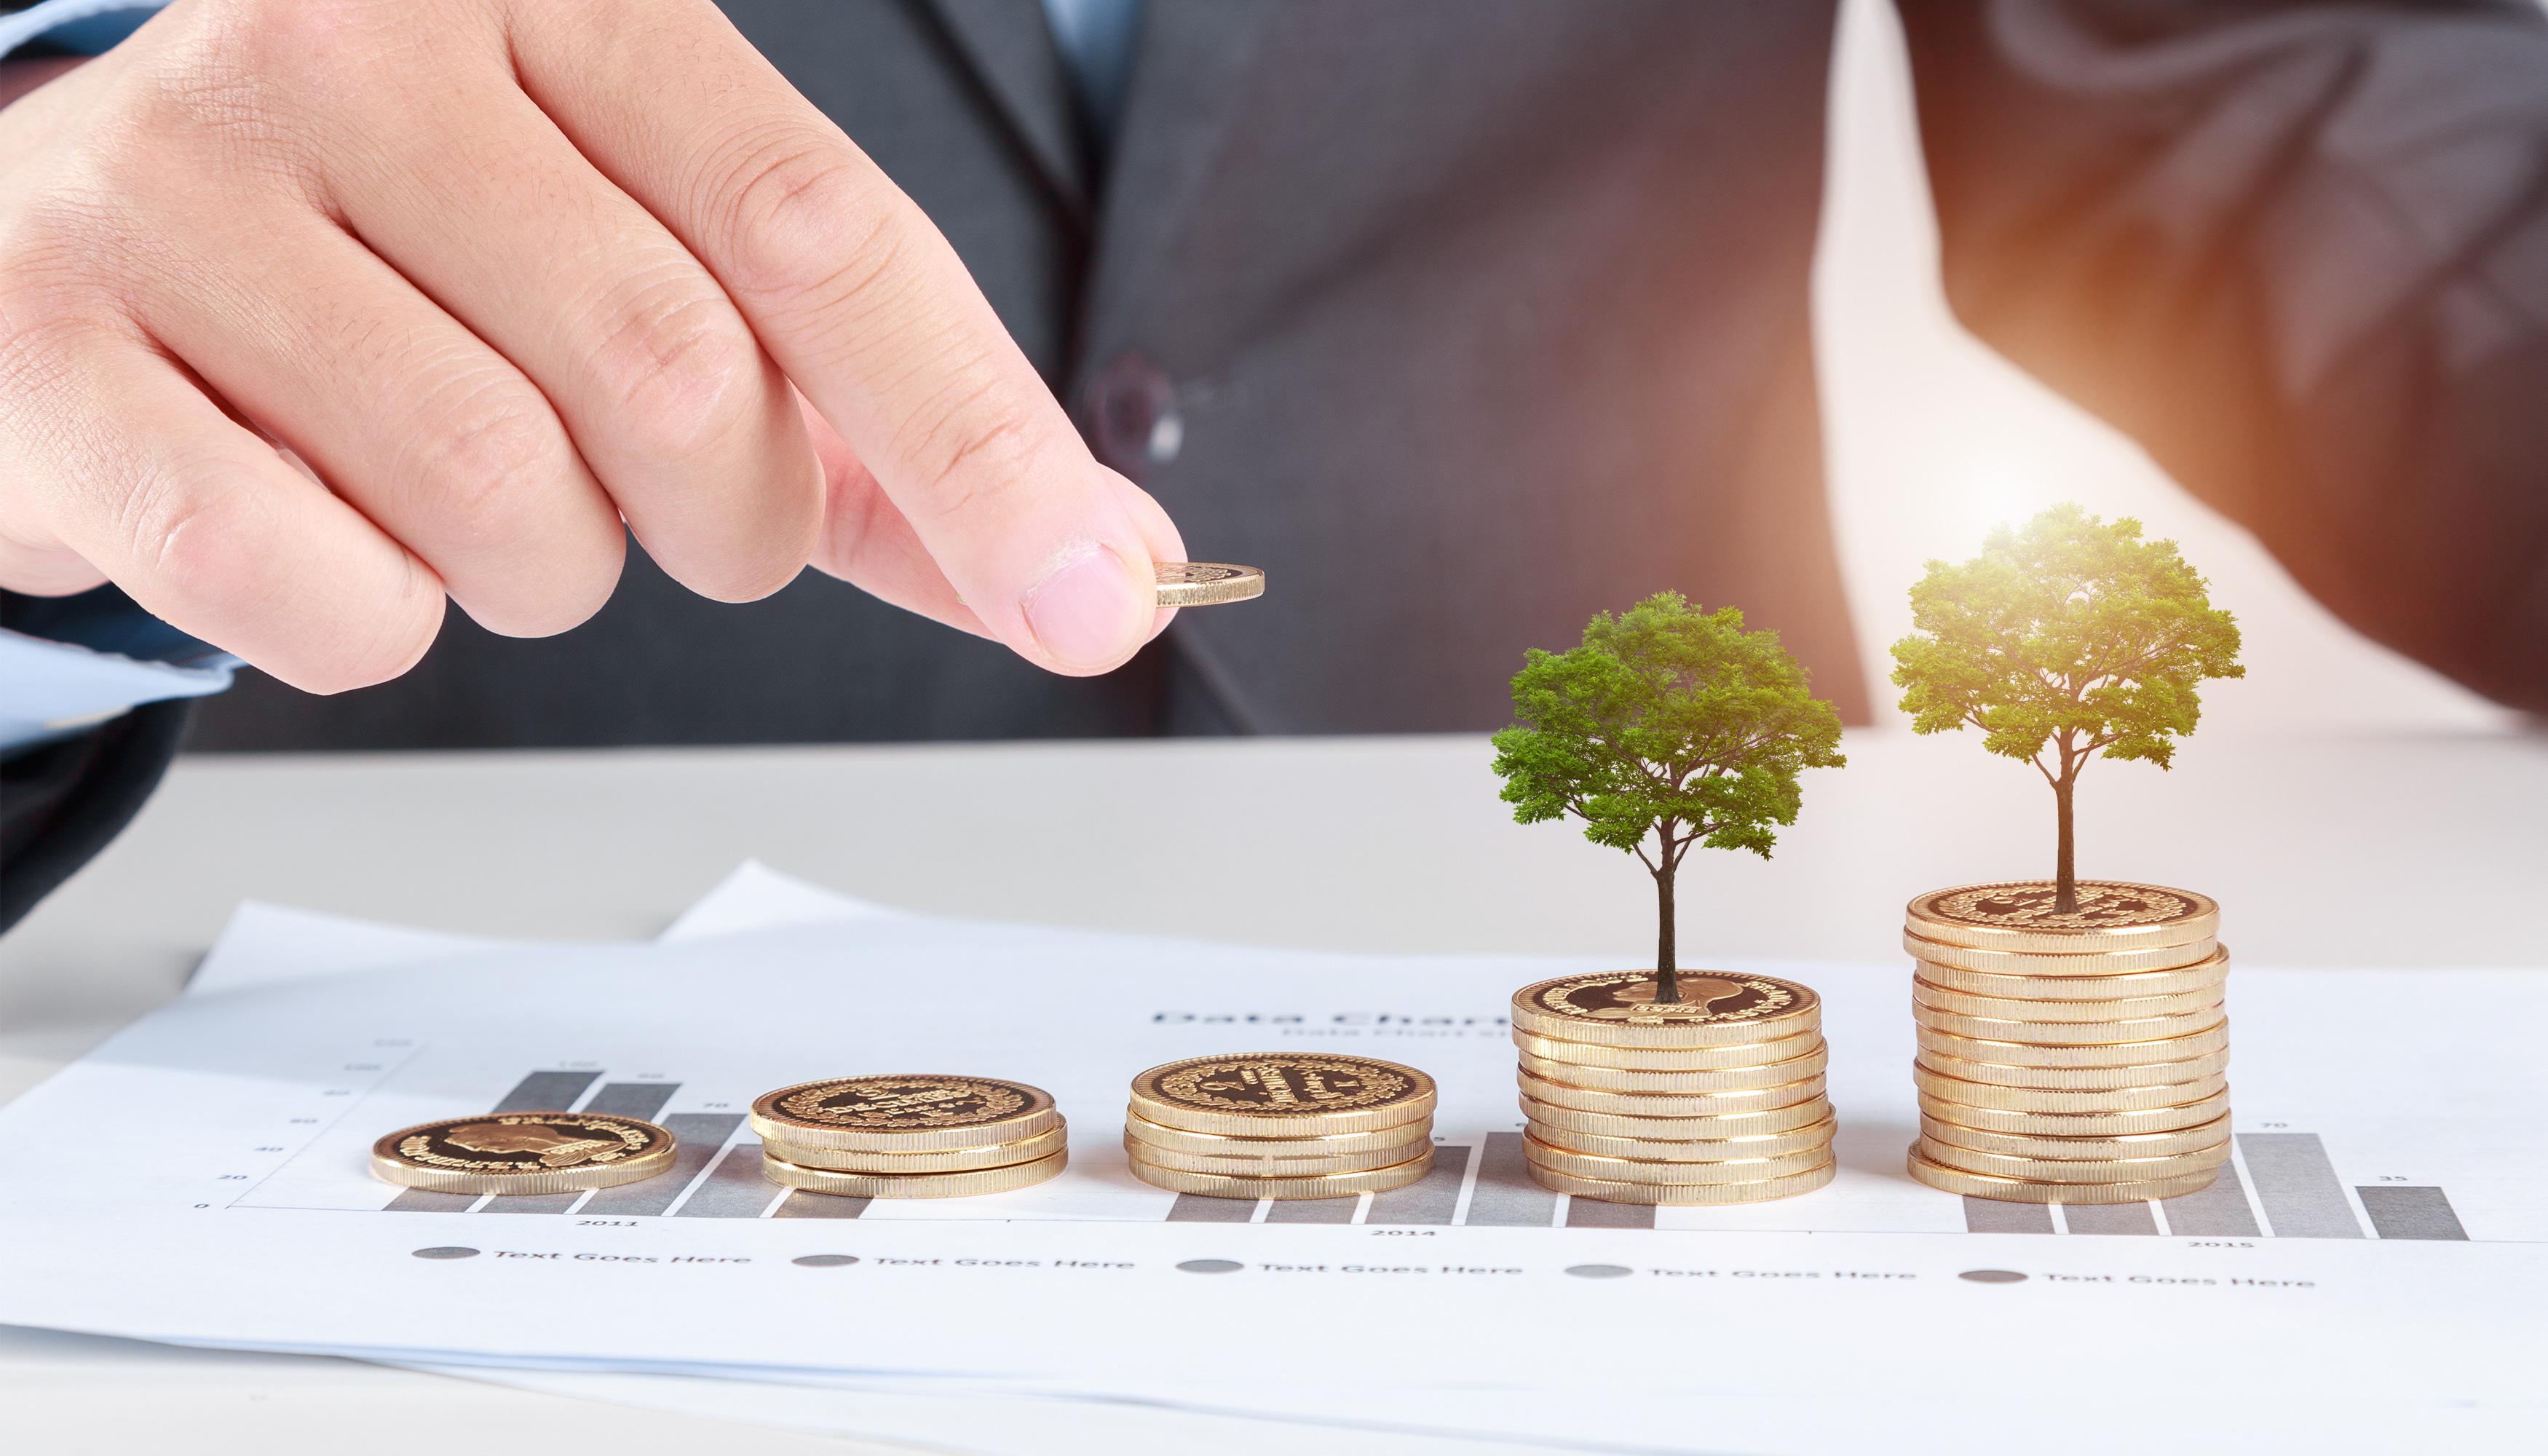 注册资本2亿元!青岛惠城环保拟设立全资子公司